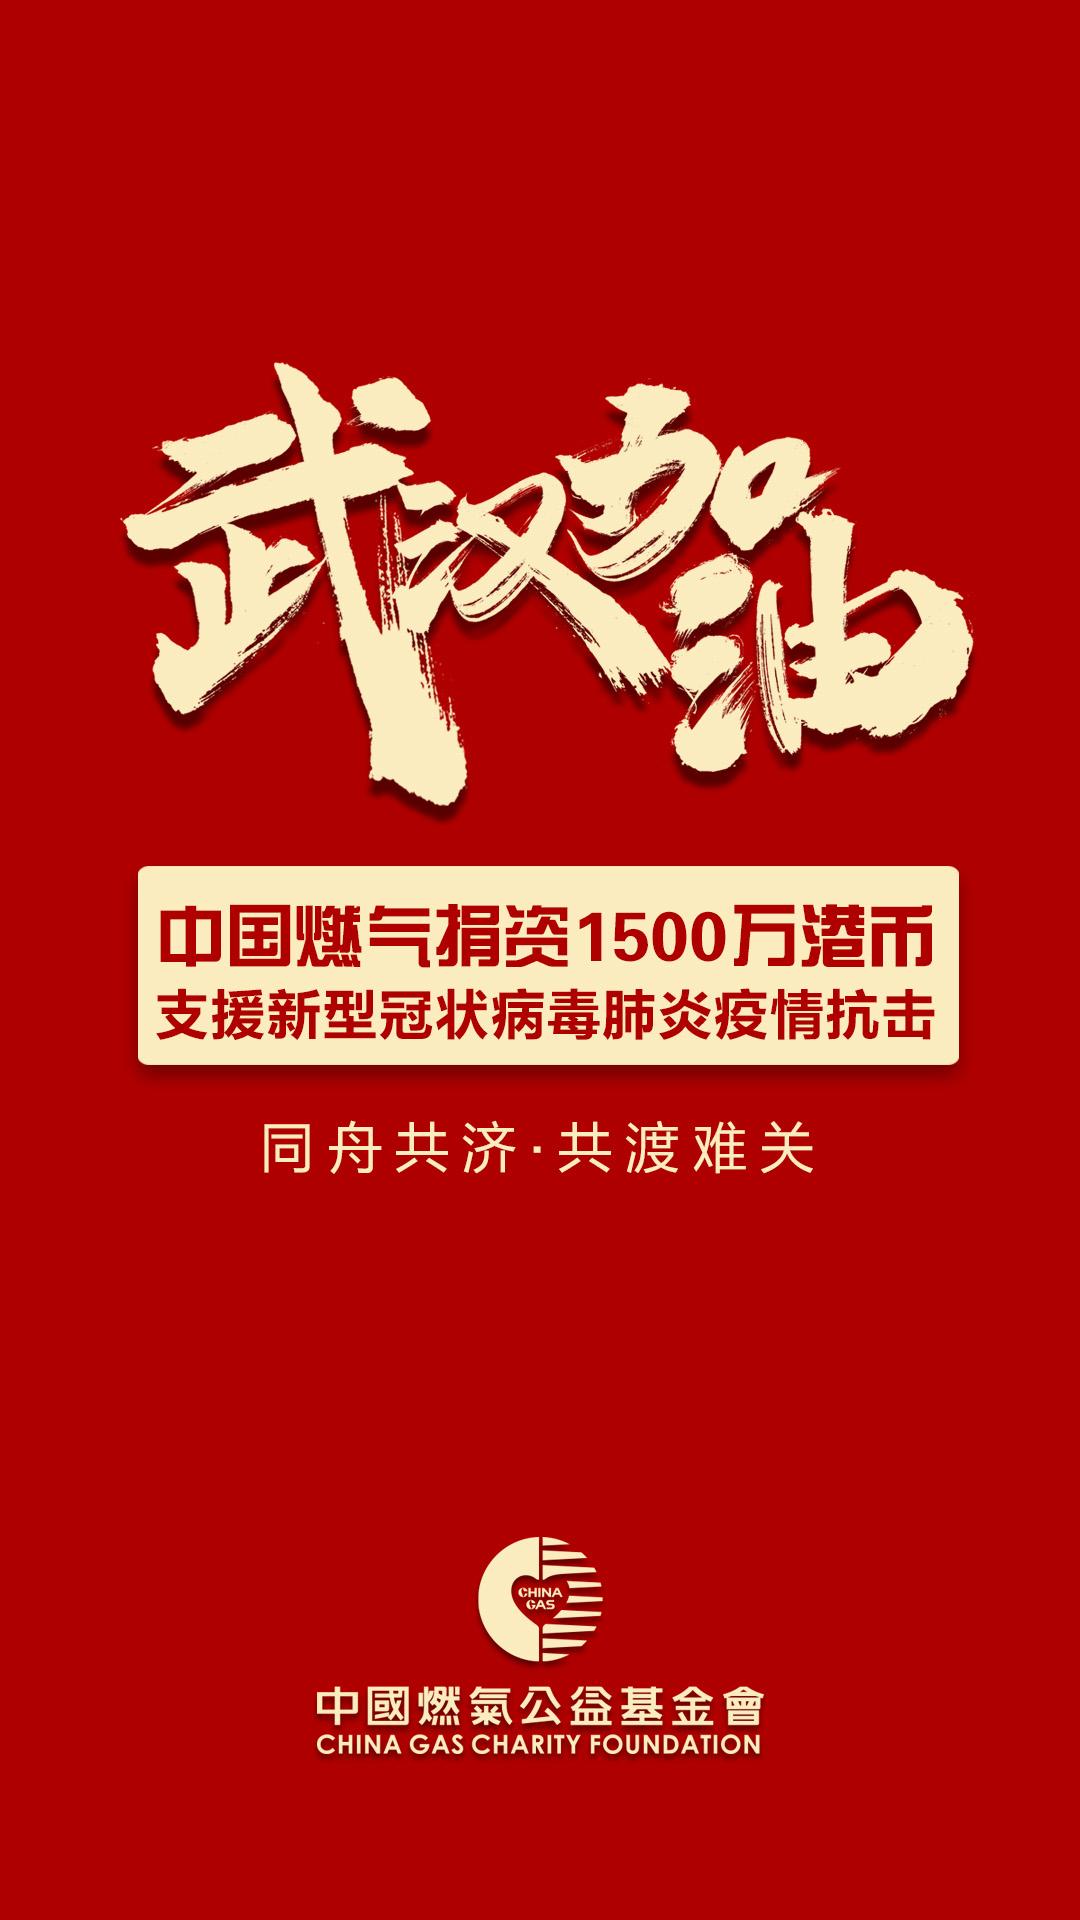 """同心""""战疫""""!中国贝博手机登录1500万港元助力湖北等疫区抗击疫情"""